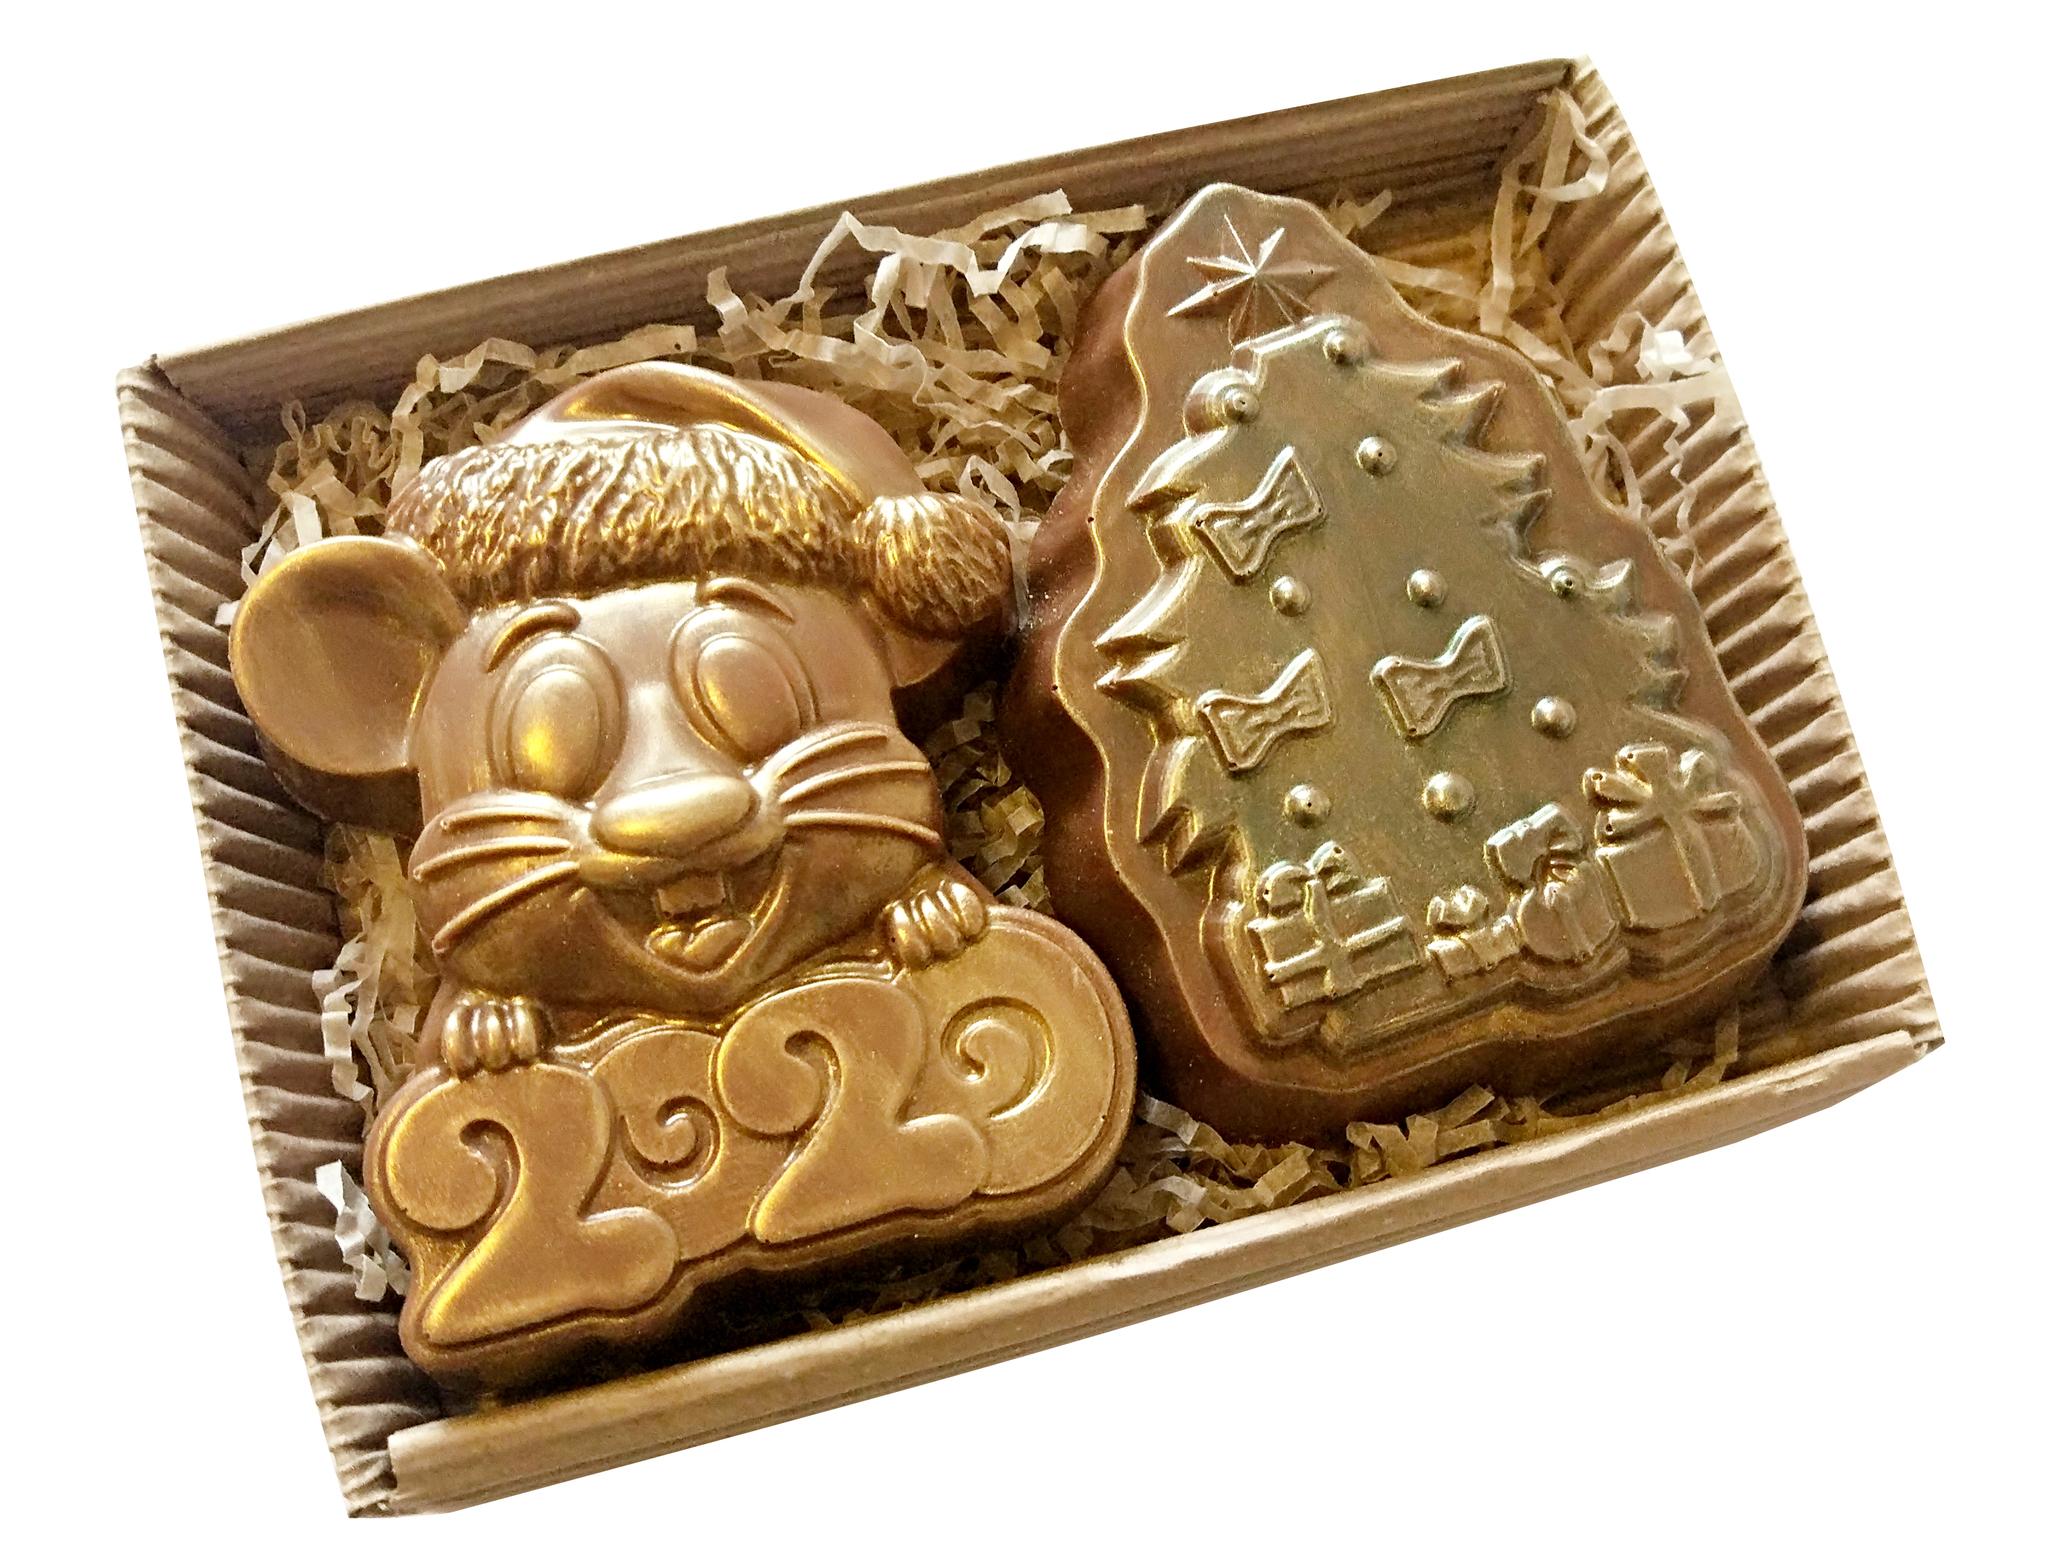 время шоколад фигурный картинки настоящий